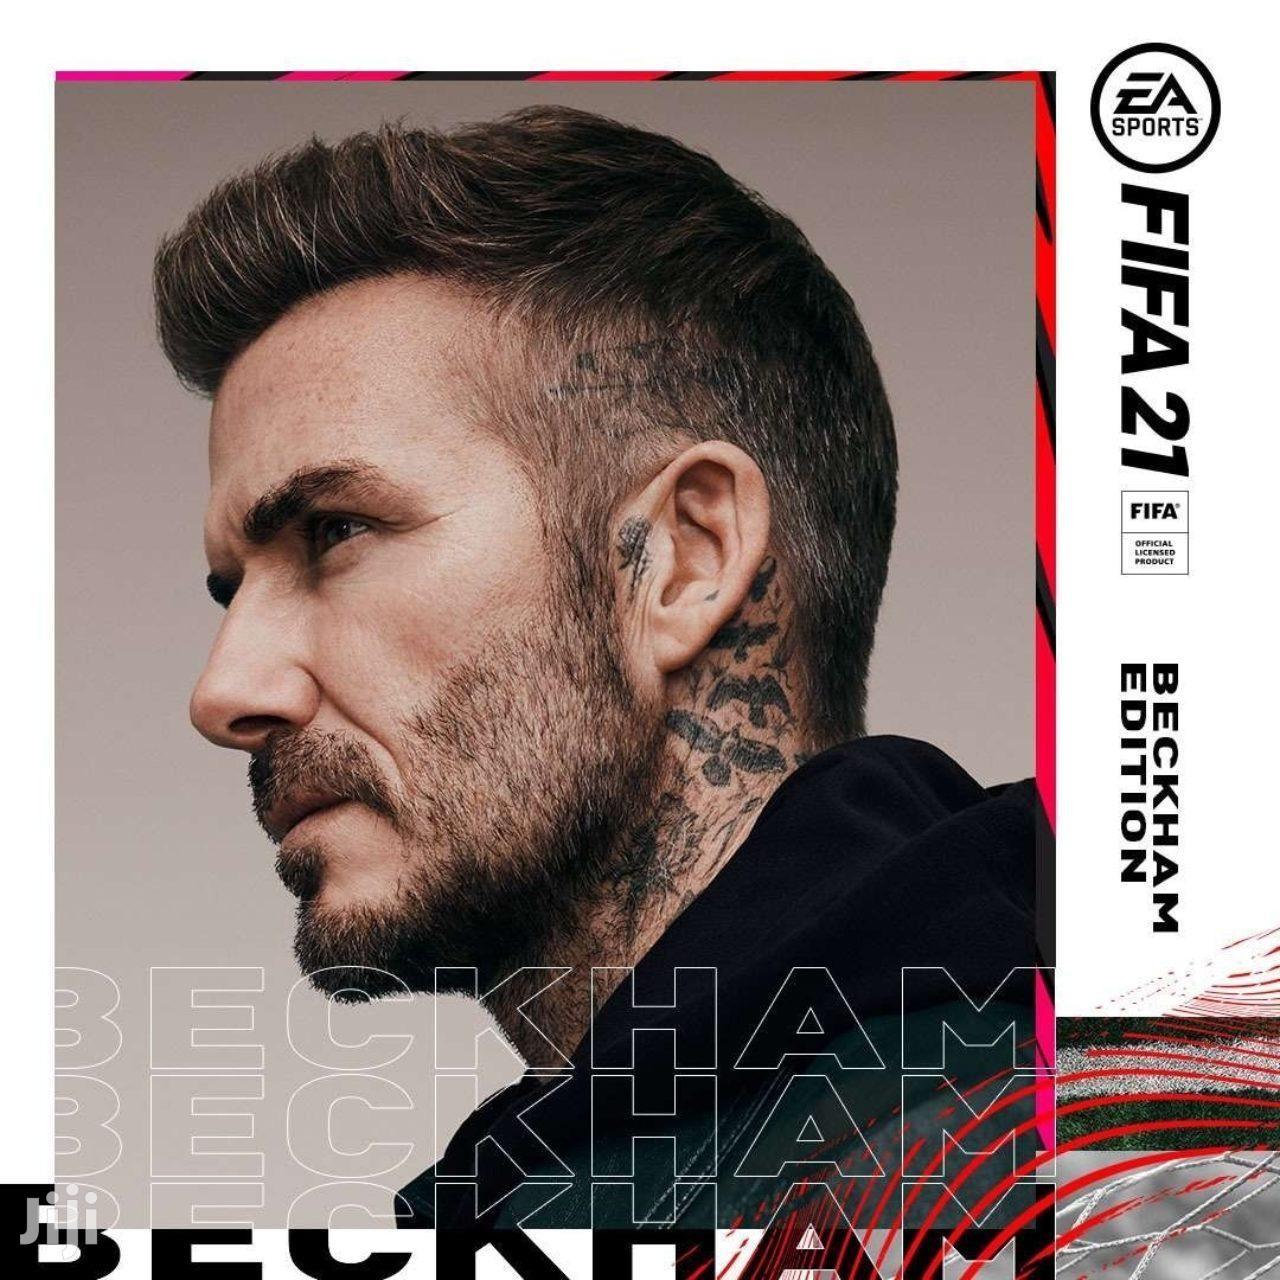 Прокат FIFA 21 Beckham Edition від 7 днів PS4